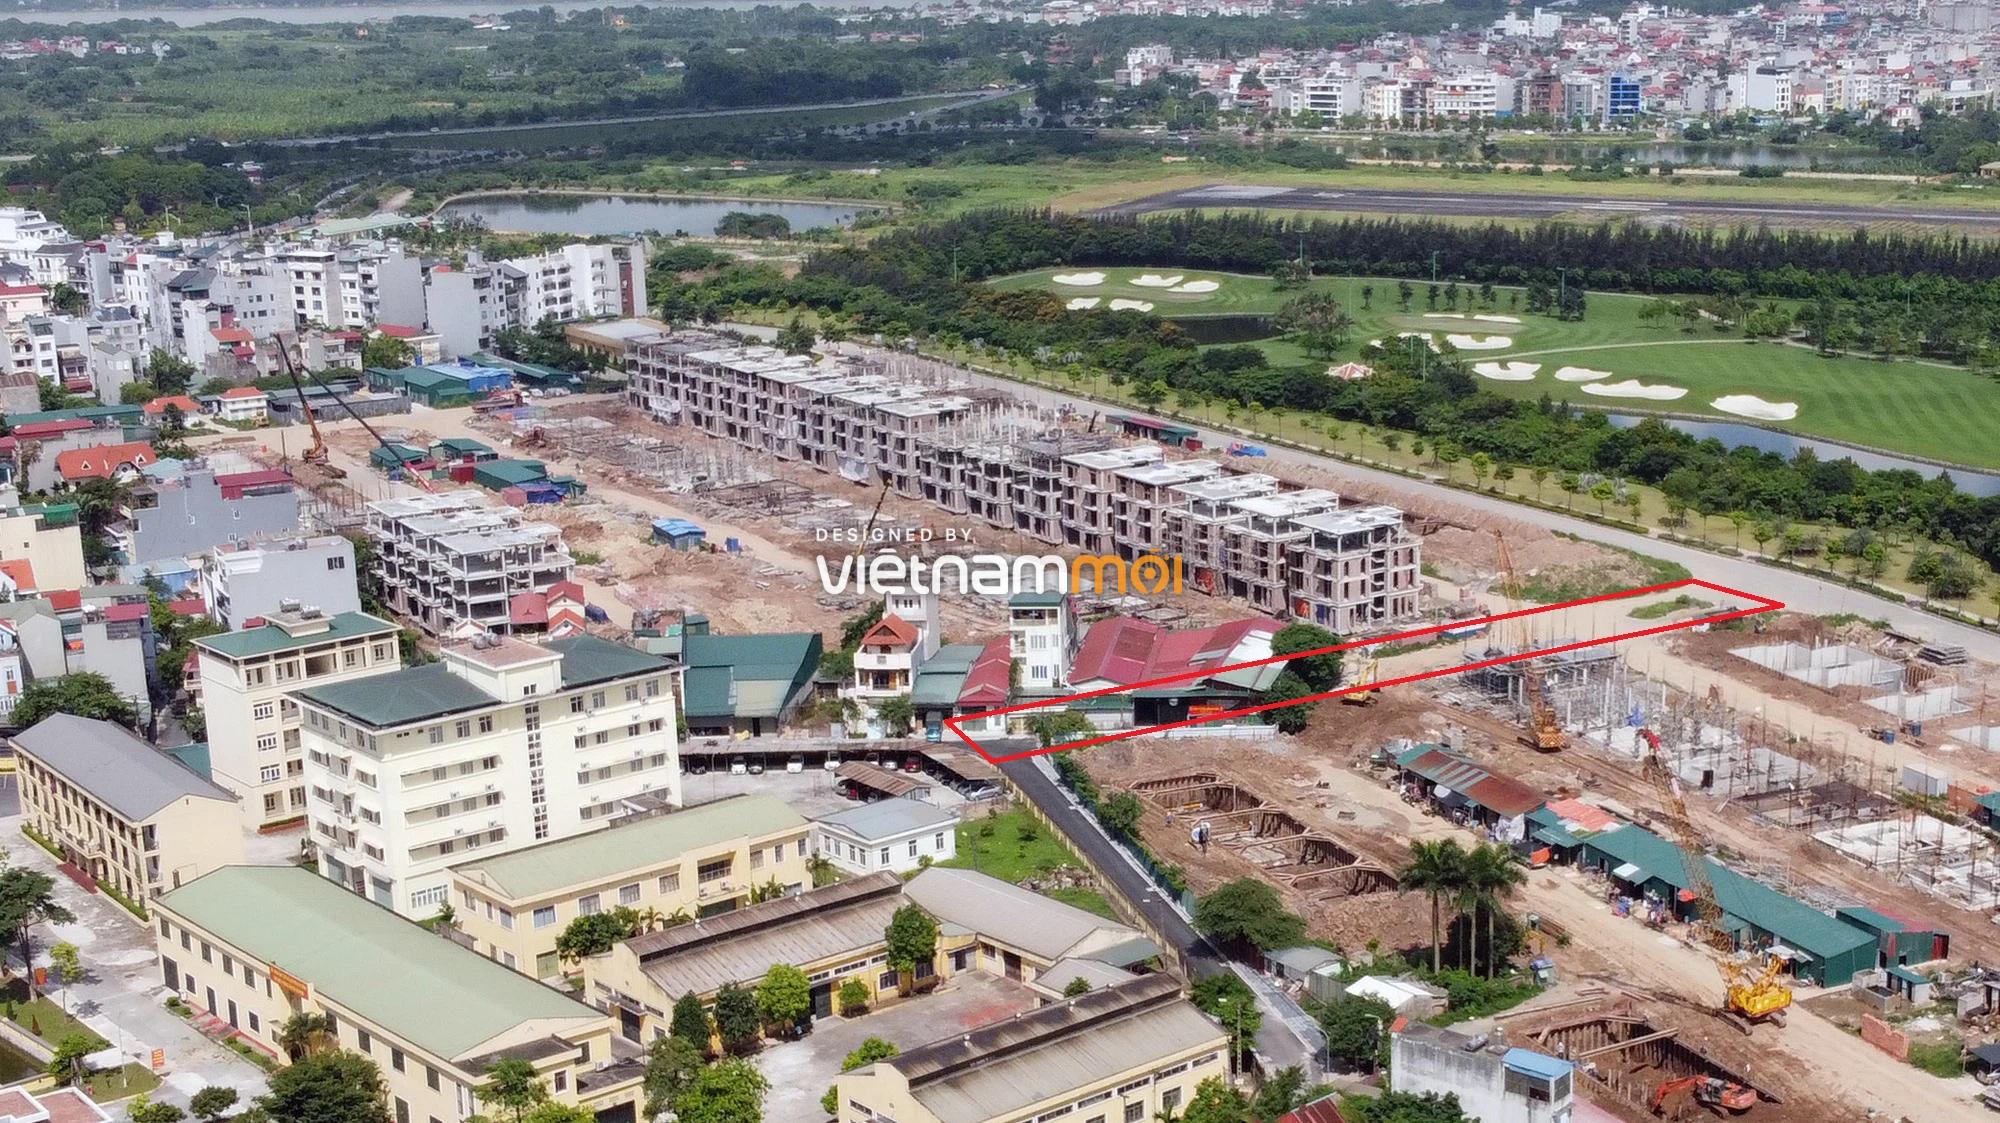 Những khu đất sắp thu hồi để mở đường ở phường Long Biên, Long Biên, Hà Nội (phần 4) - Ảnh 19.